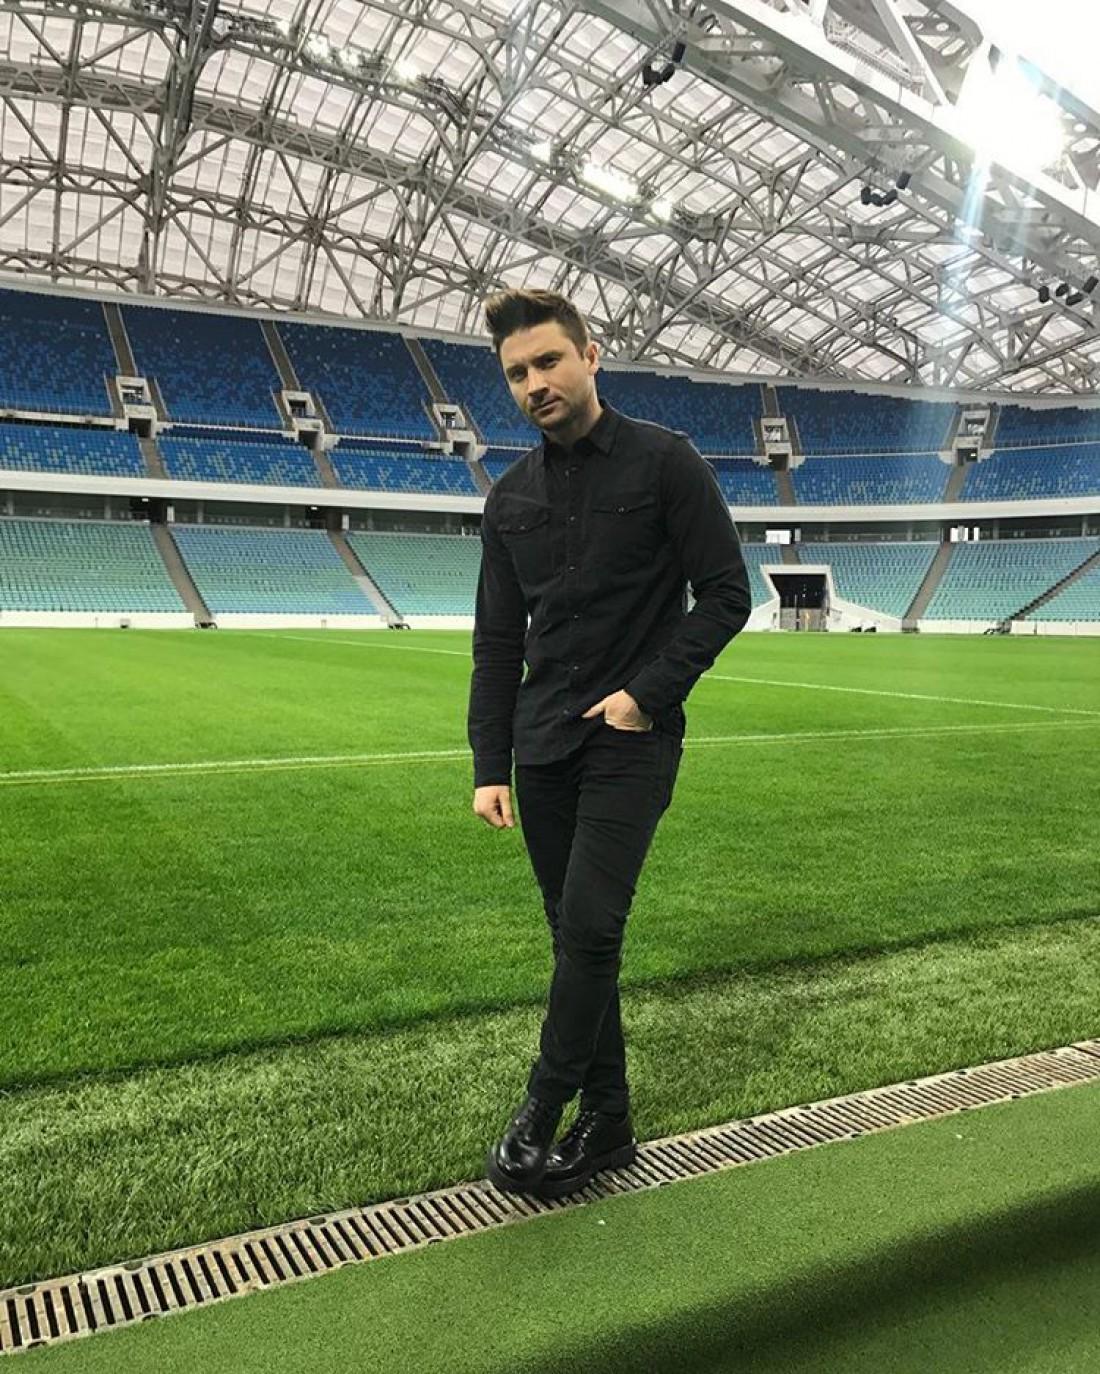 Евровидение 2017 Россия: Сергей Лазарев